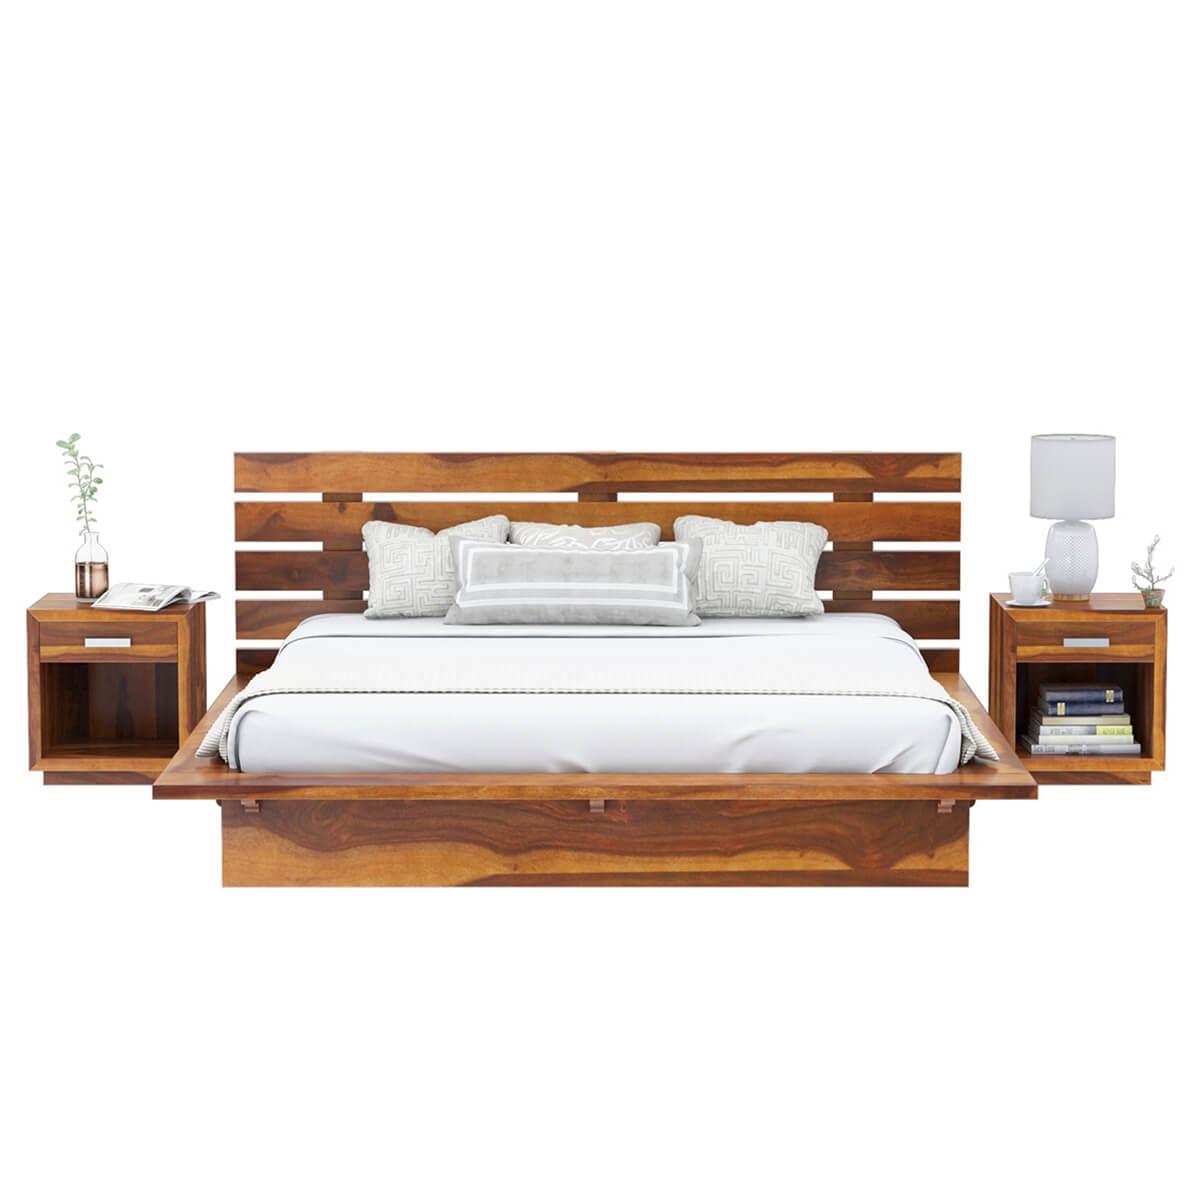 Flagstaff handcrafted solid wood platform bed Wood platform bed